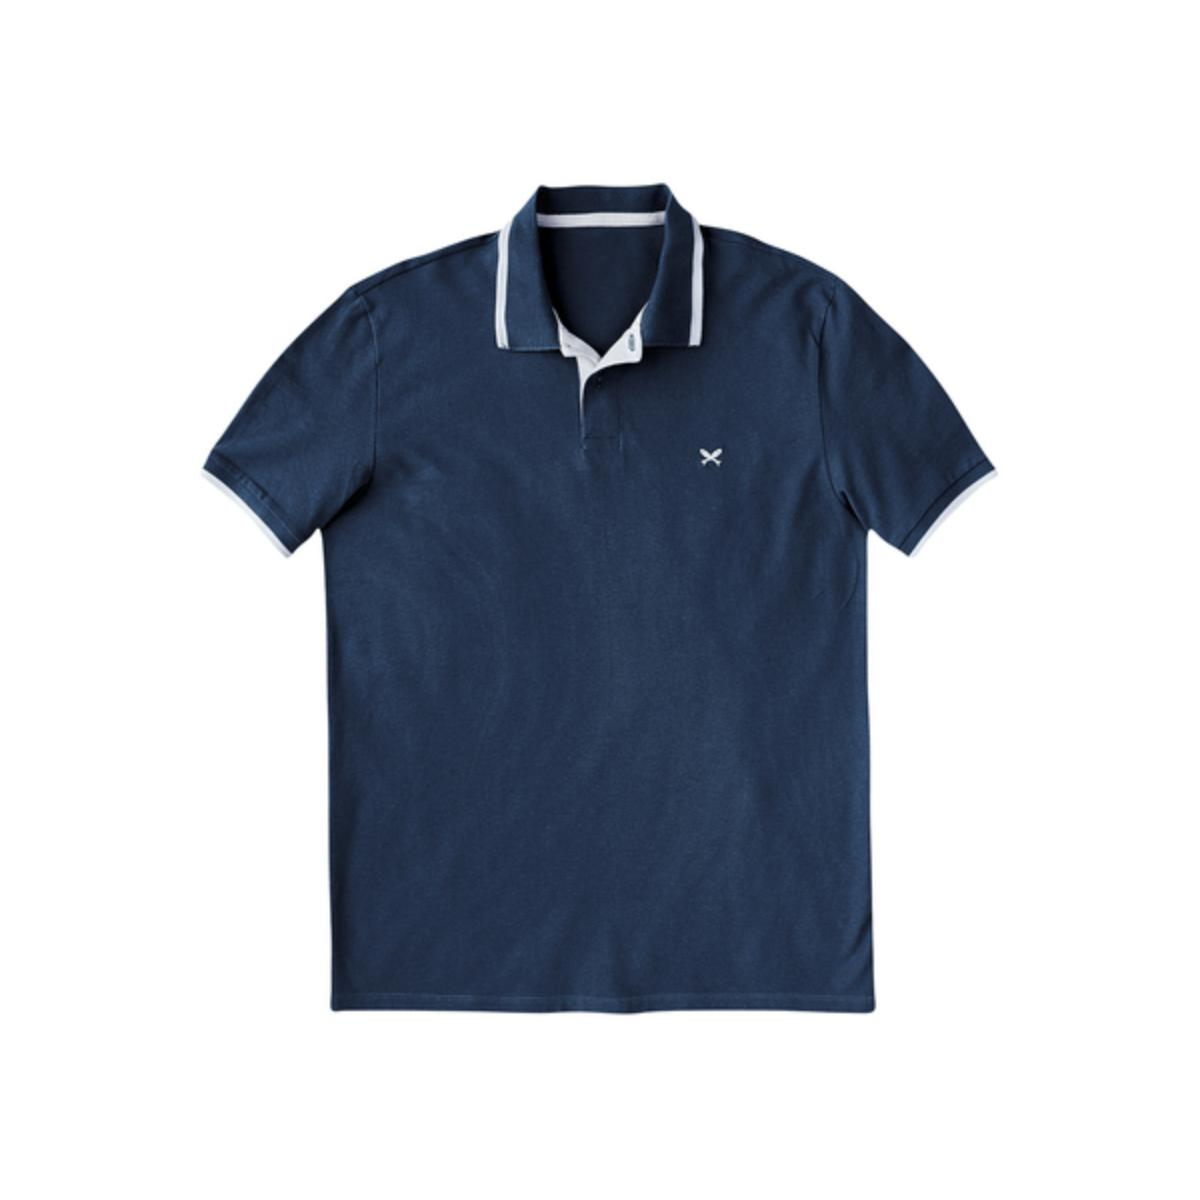 Camisa Masculina Hering 036h 4pen Petróleo/preto